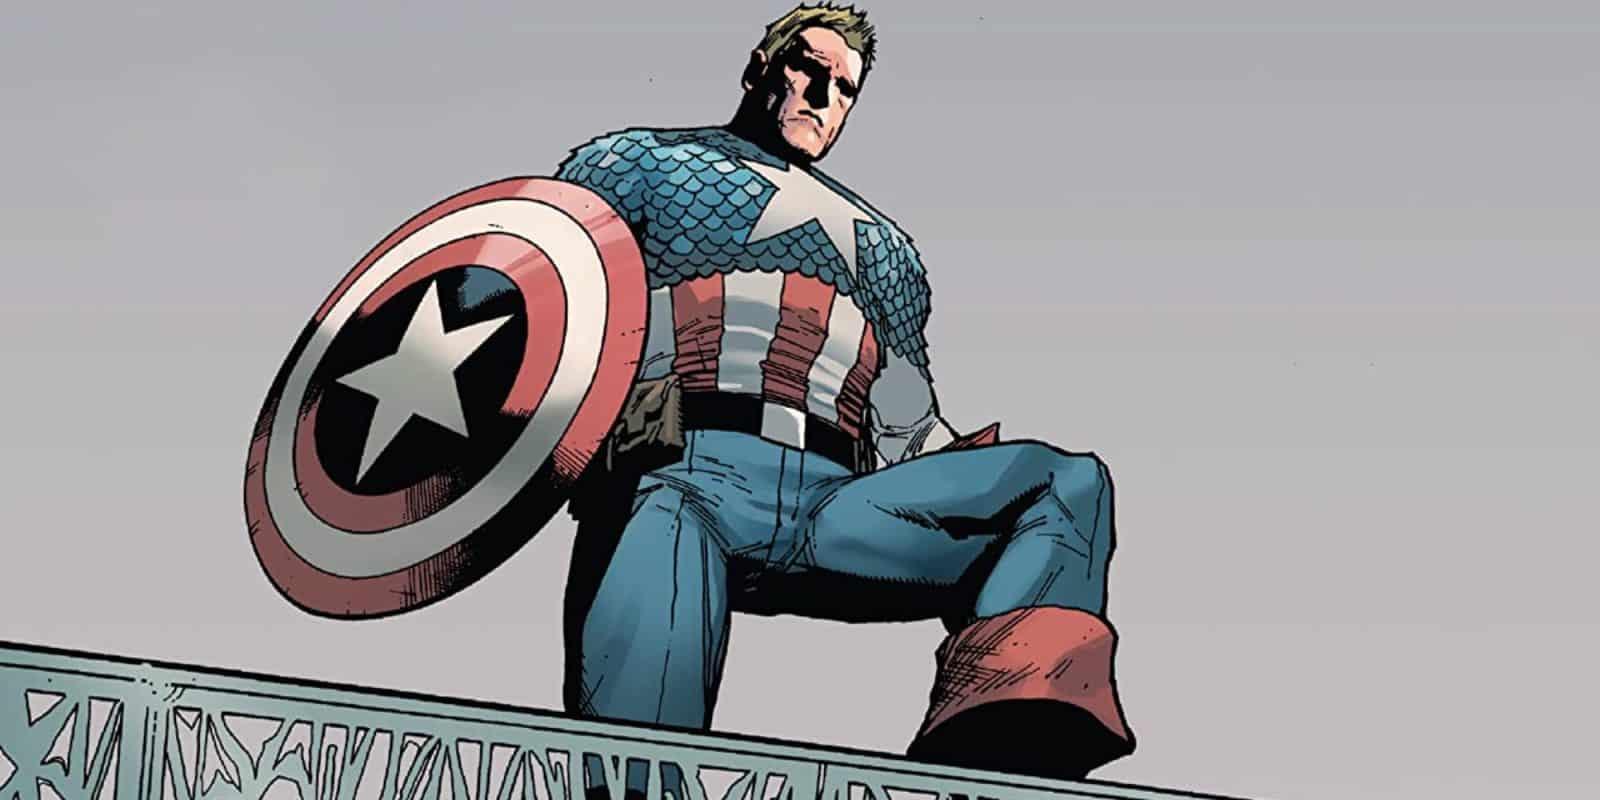 Capitão América, quem é? Origem e história do personagem da Marvel